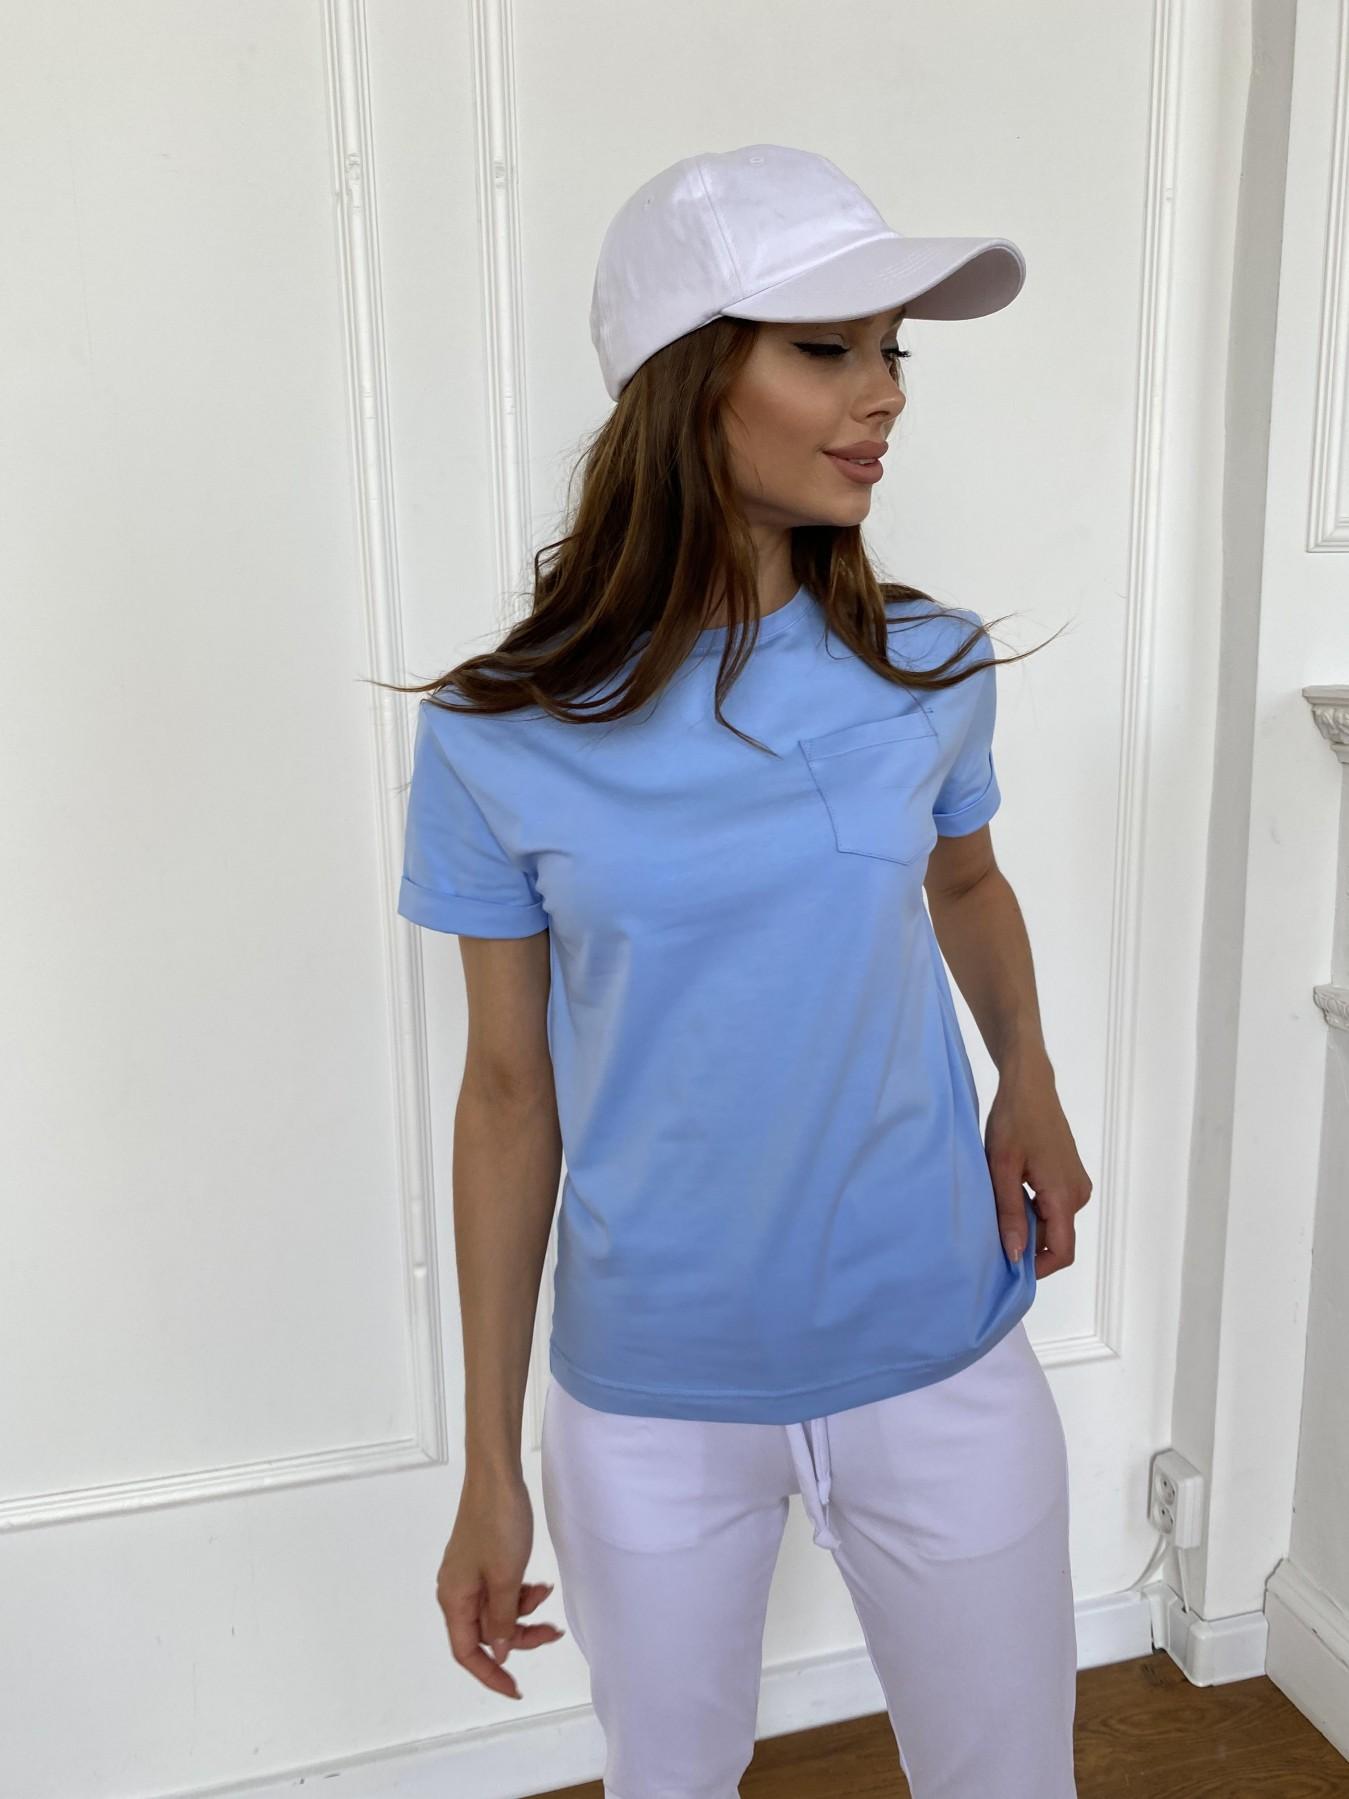 Вуди футболка из вискозы 11224 АРТ. 47878 Цвет: Голубой - фото 6, интернет магазин tm-modus.ru